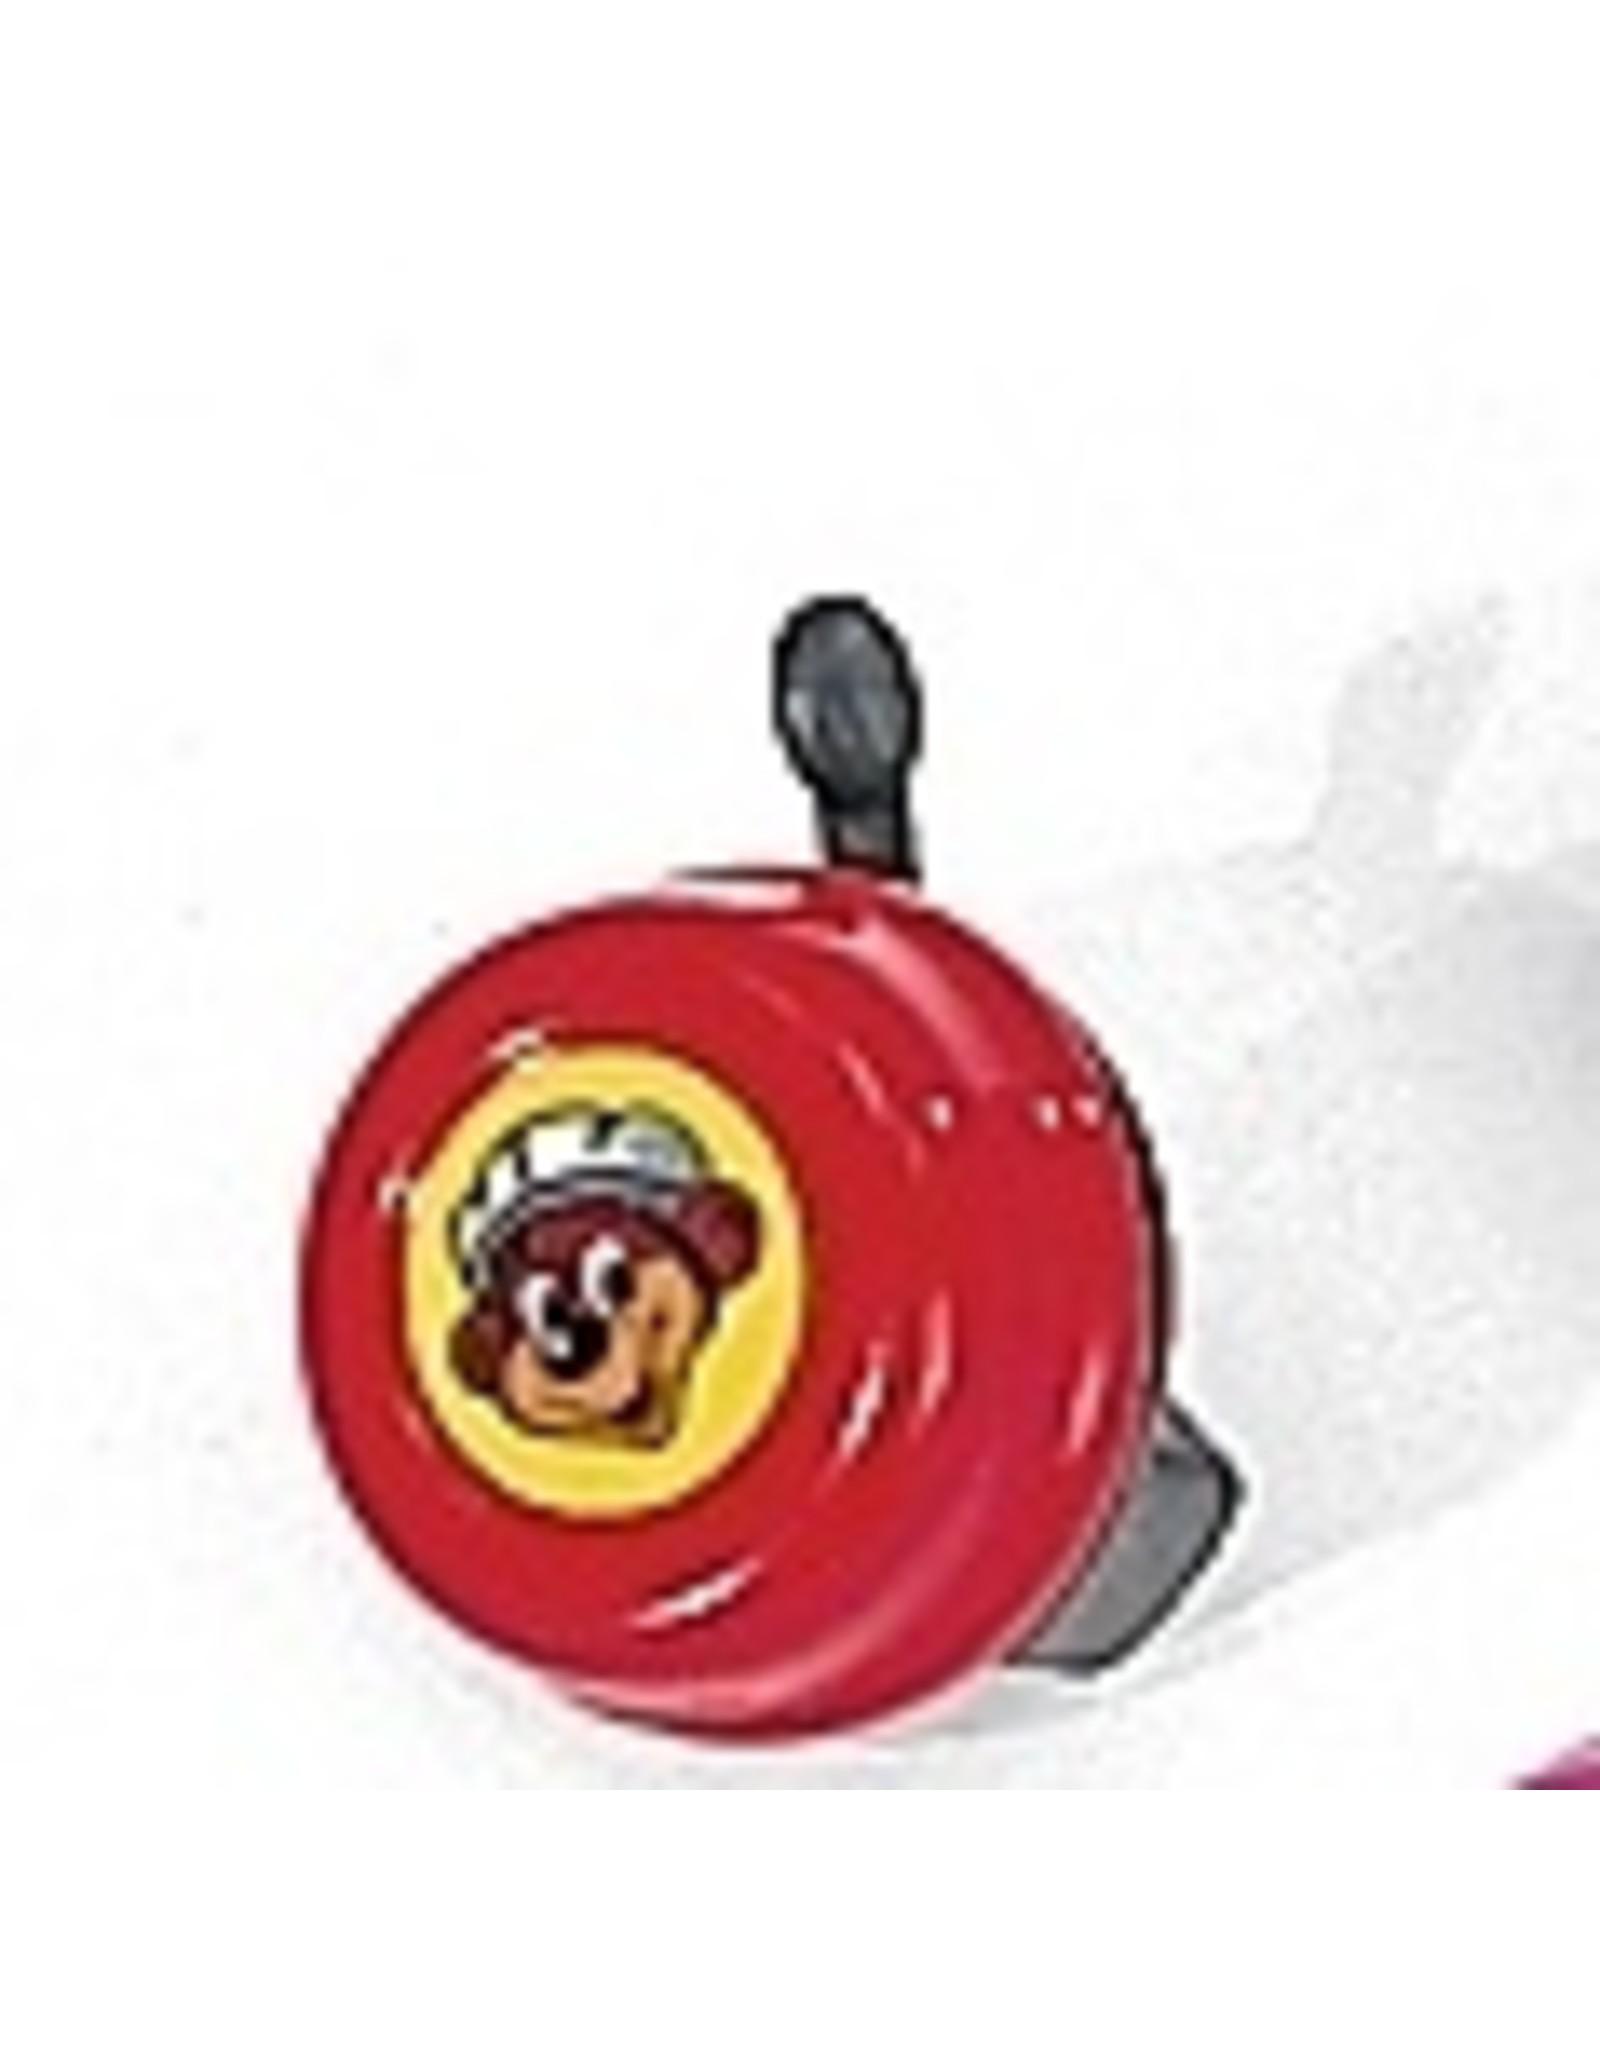 Puky Puky Glocke G22 rot - Altoys